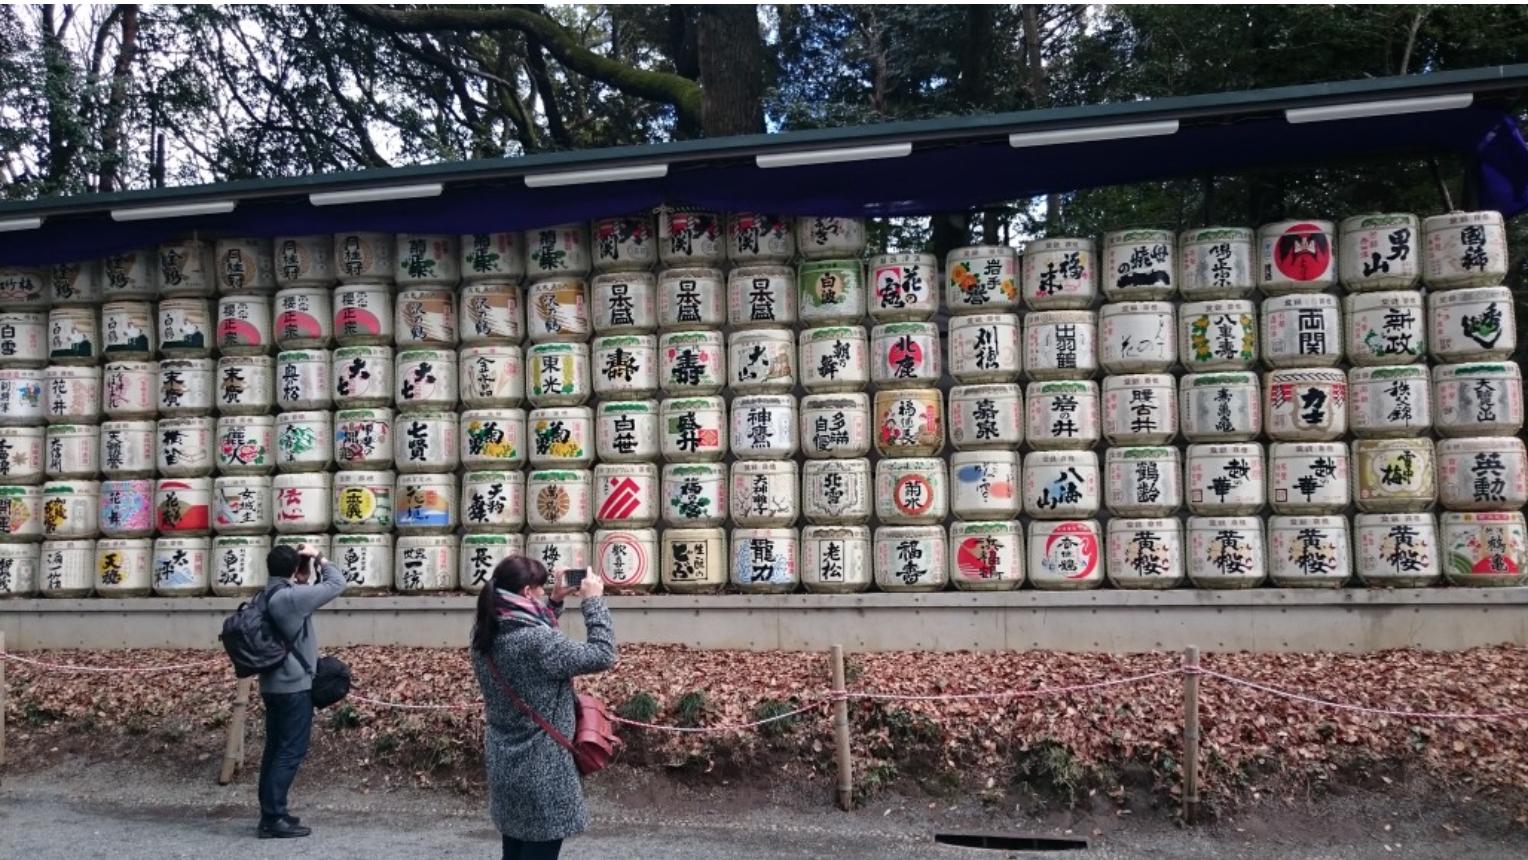 Estudiantes beneficiados con Beca Universidad de Hirosaki Japón, comparten su experiencia